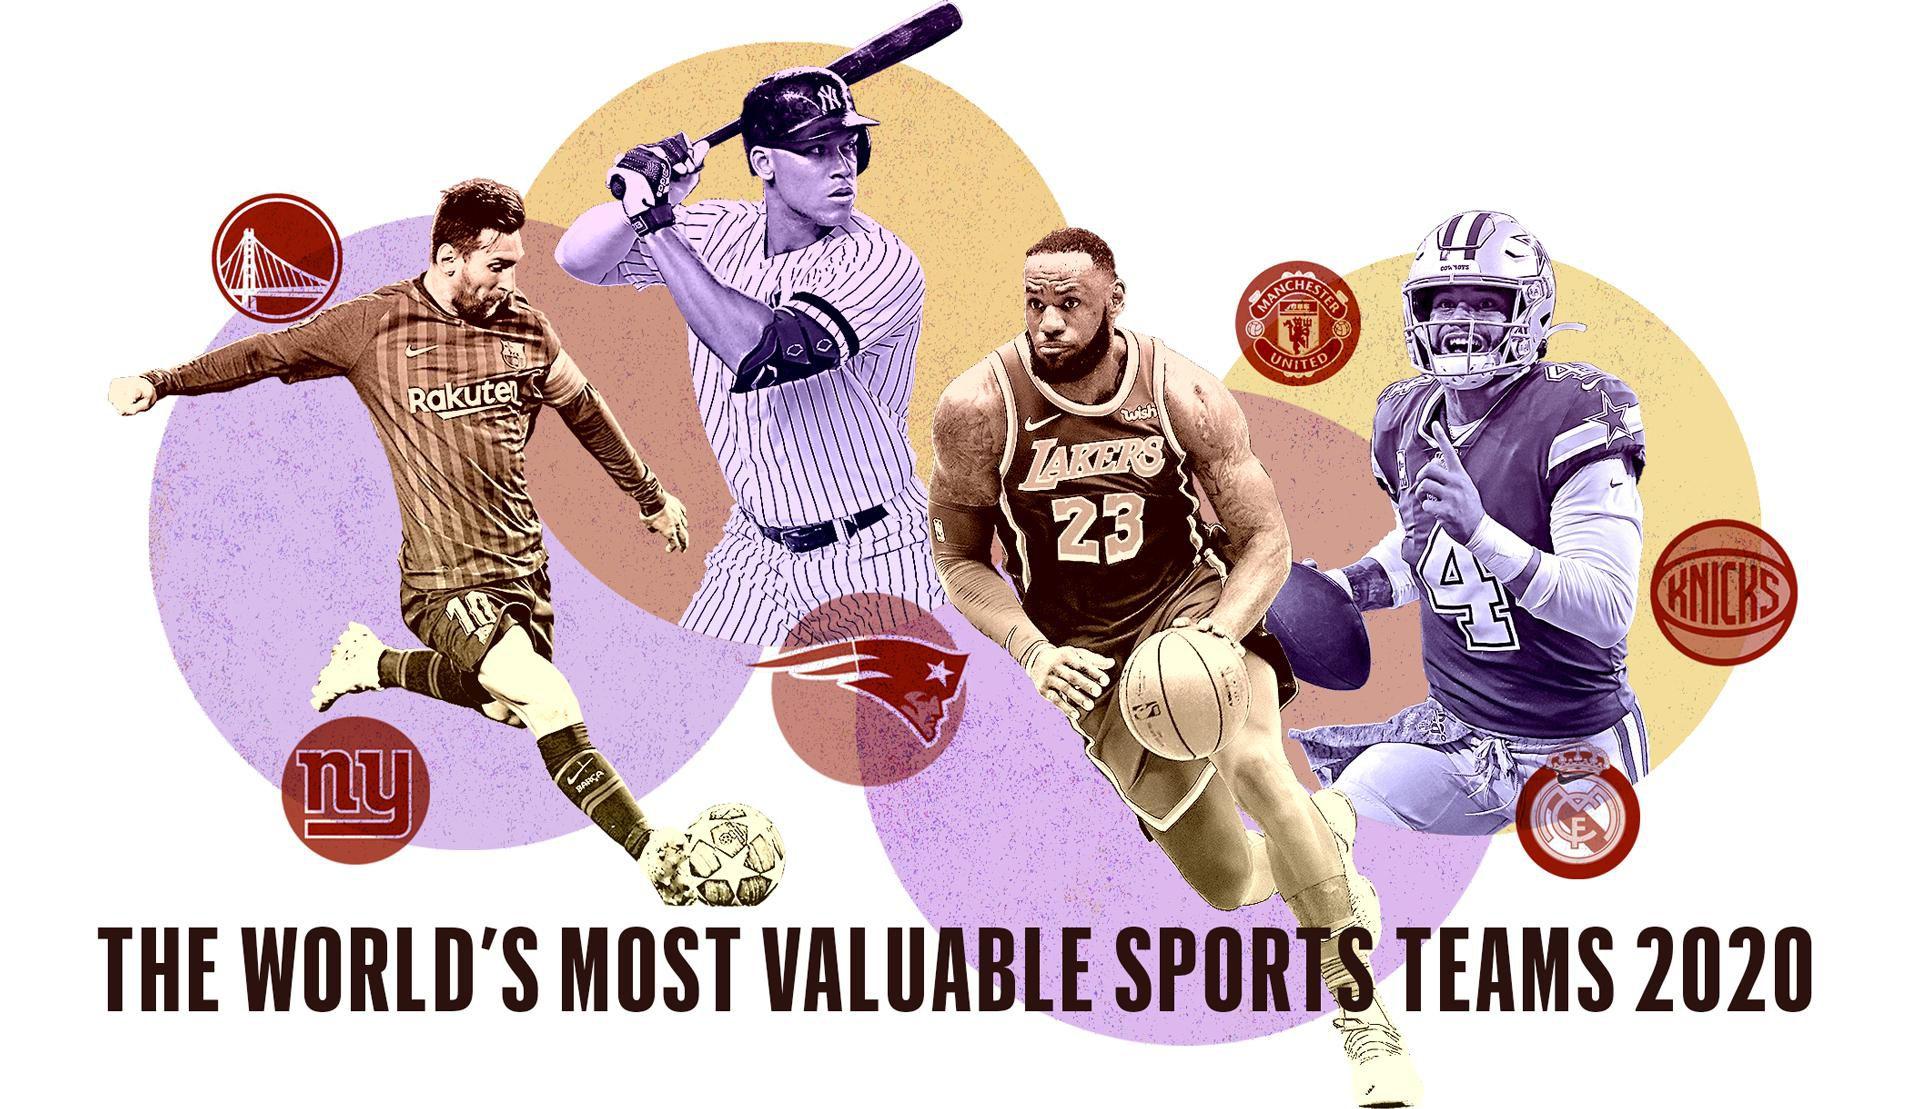 الفريق الرياضي الأعلى قيمة - الفريق الرياضي المحترف الأعلى قيمةً في العالم لعام 2020 - أفضل 10 فرق رياضية ذات القيمة السوقية الأعلى في عام 2020